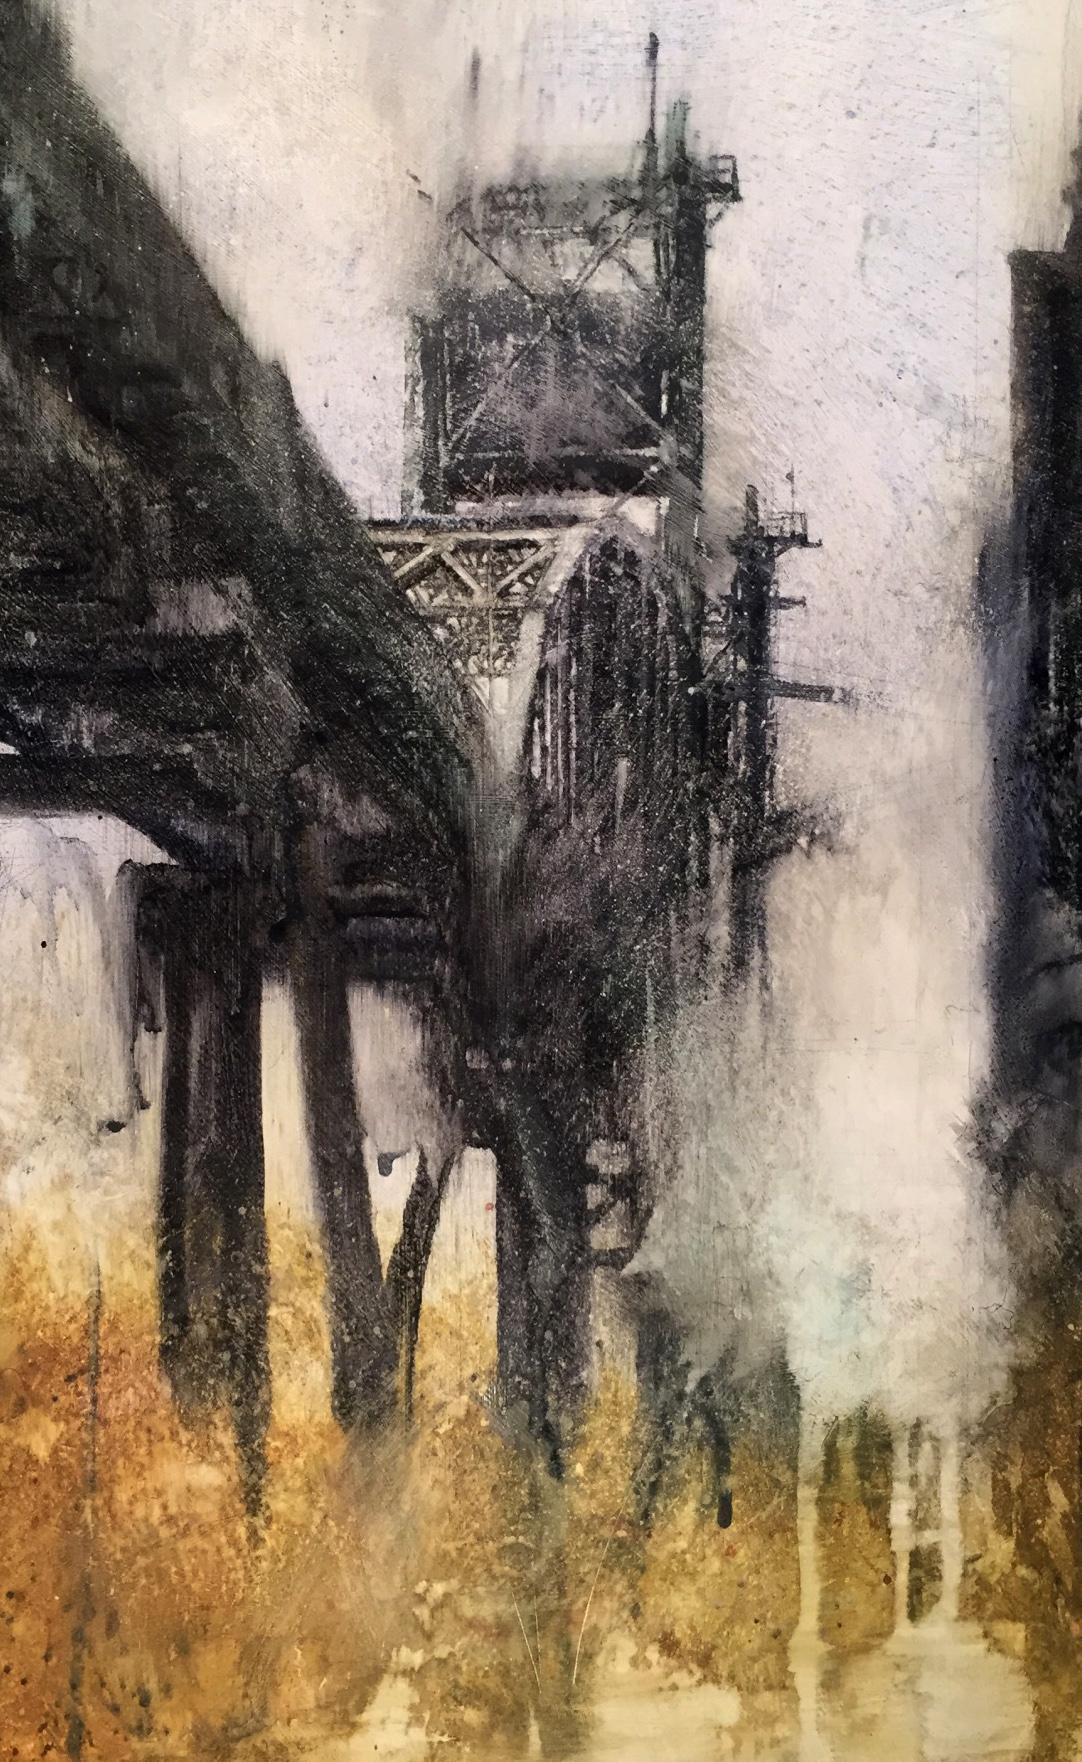 Bridge Study 9